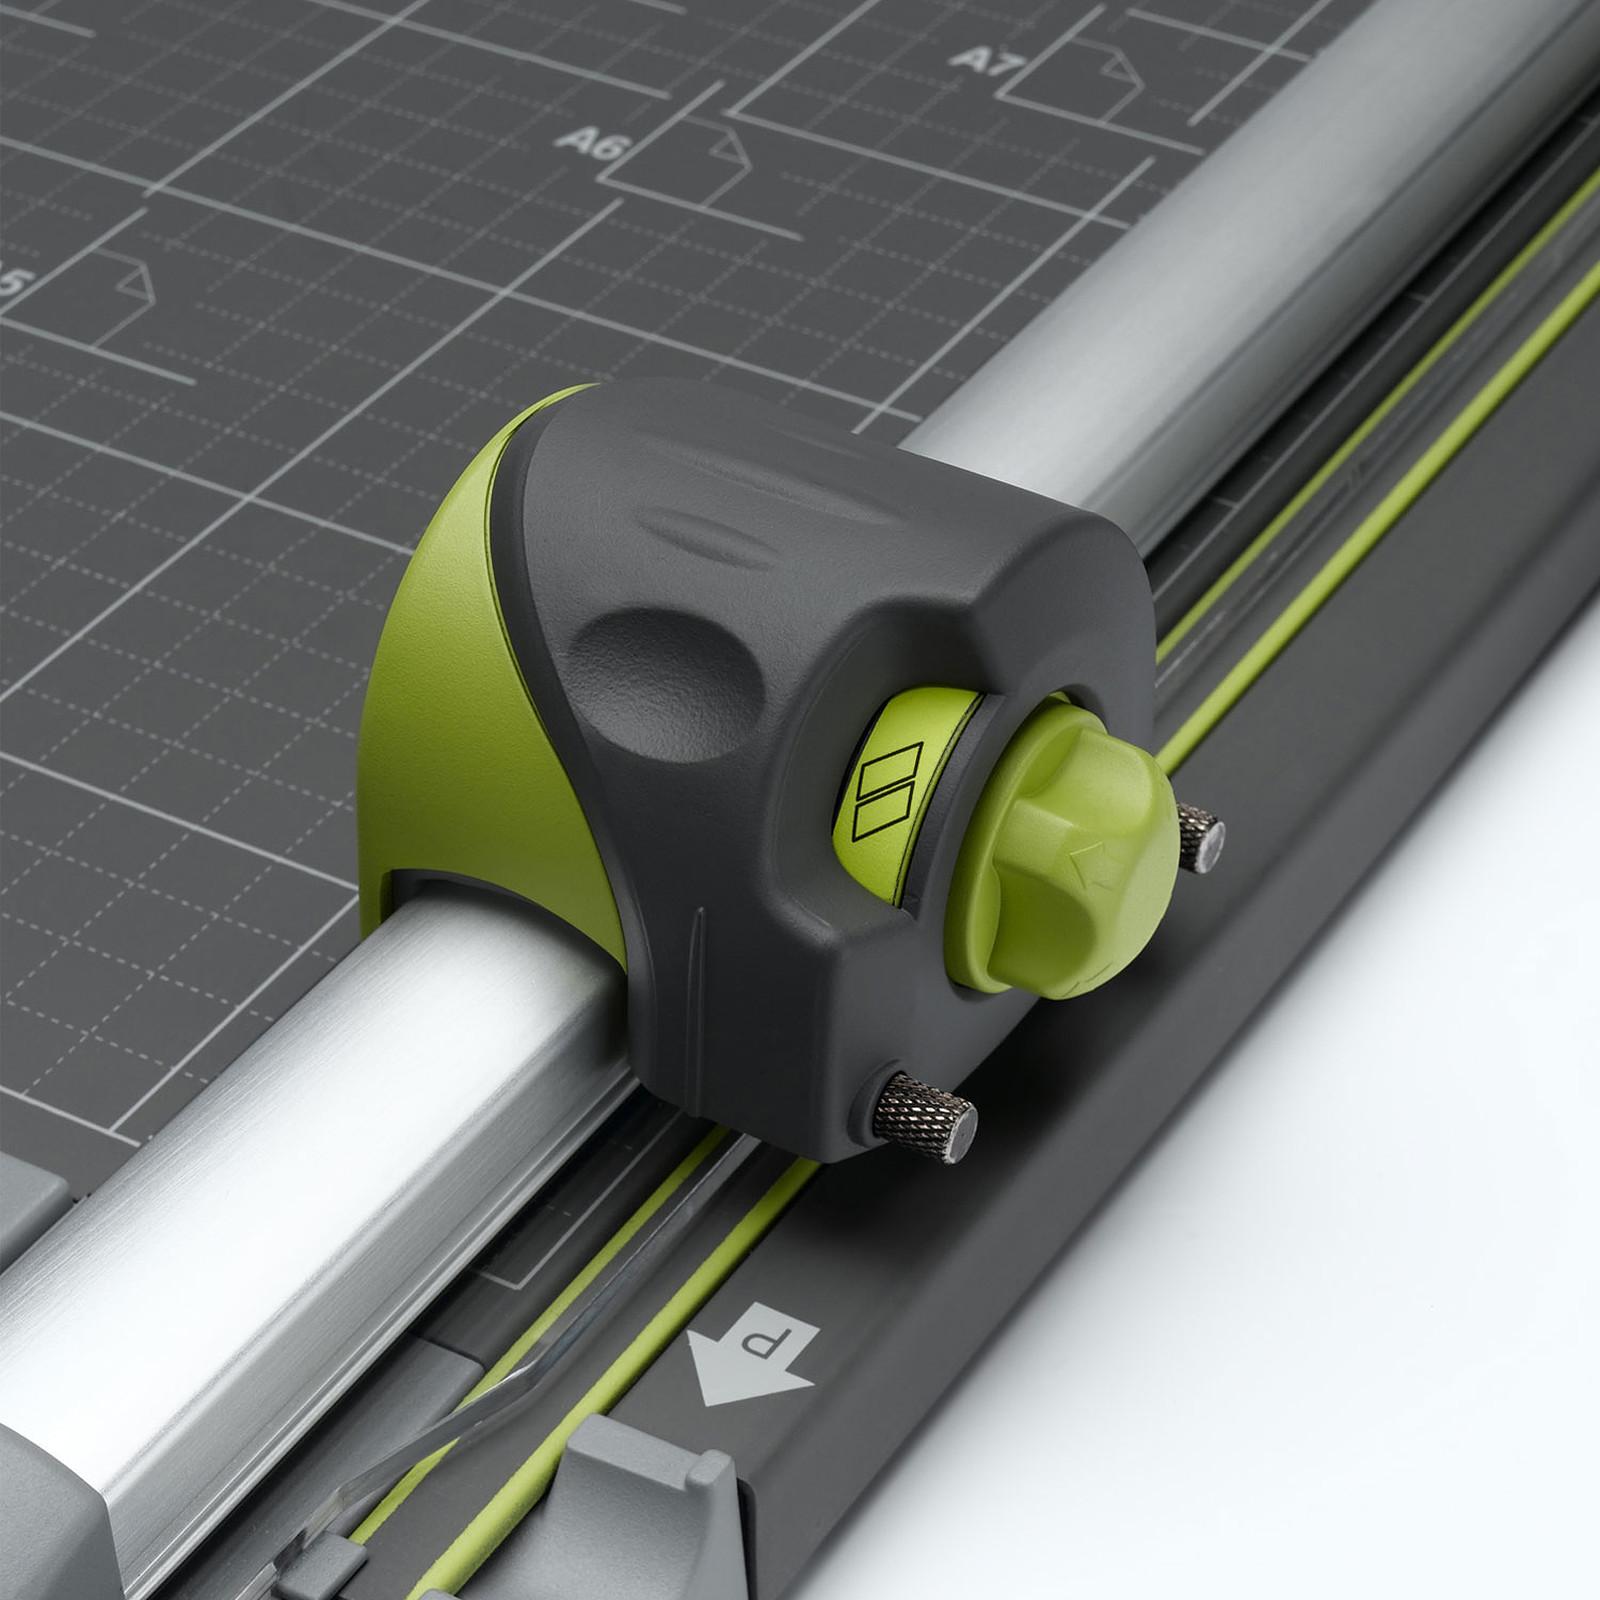 Rexel Coupeuse SmartCut A445 4 En 1 A3 Broyeur Massicot